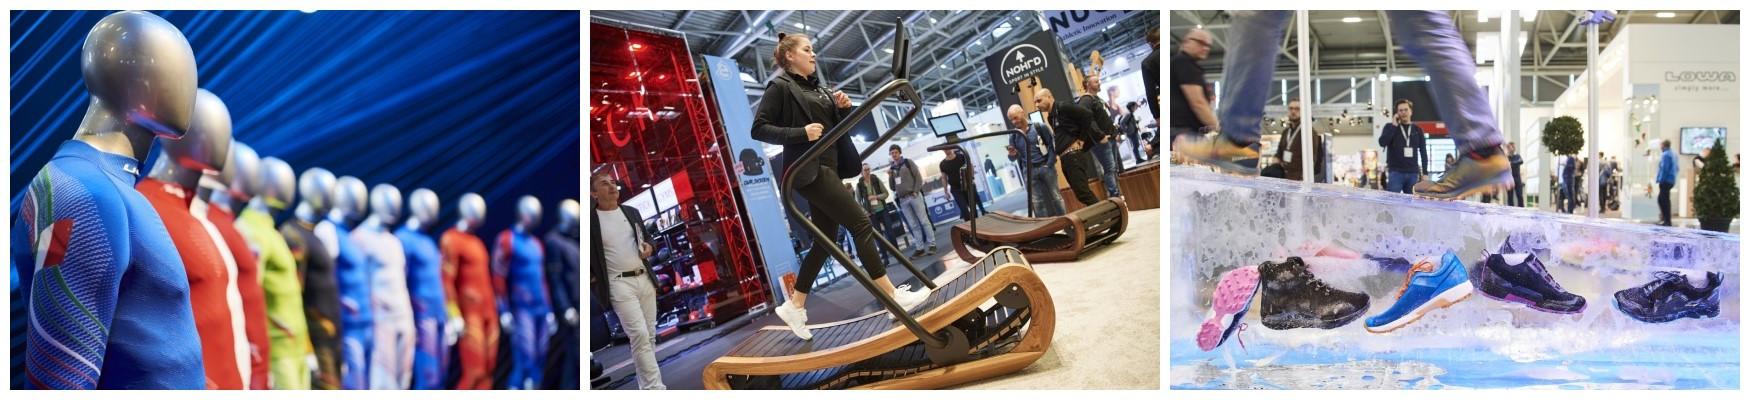 慕尼黑国际体育用品博览会